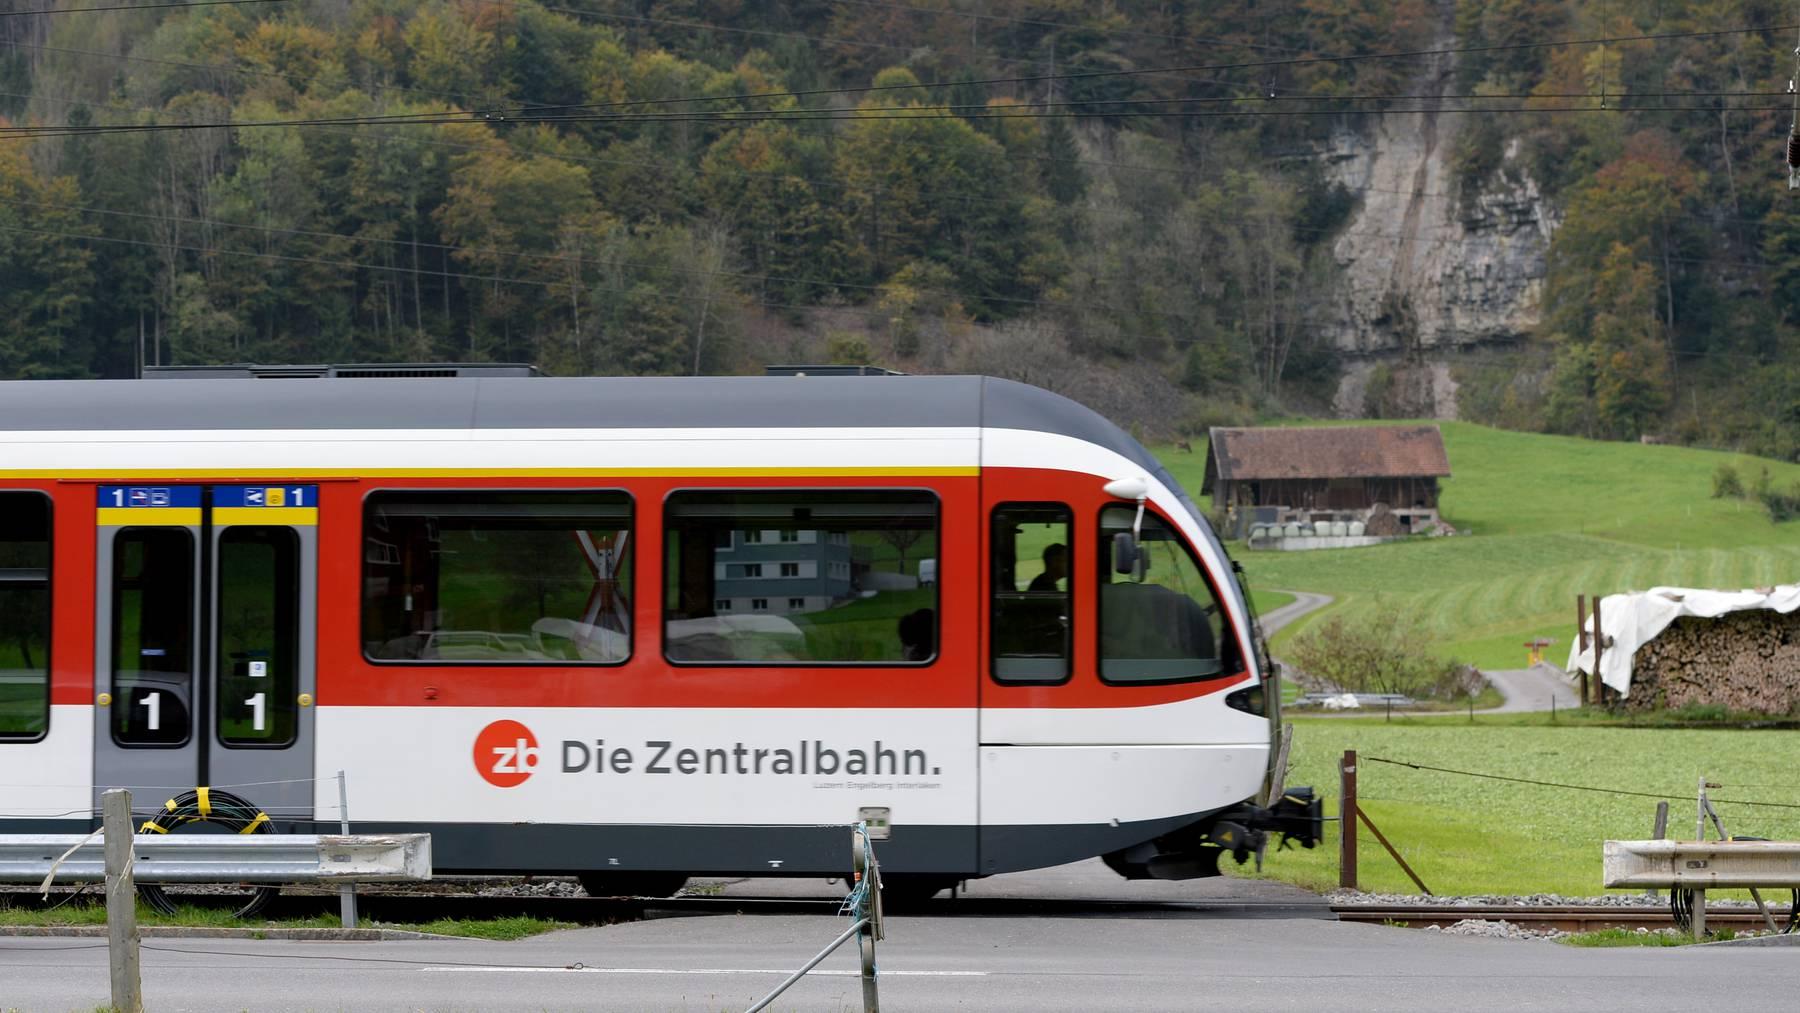 Ein Bericht der Eidgenössischen Finanzkontrolle sieht bei der Zentralbahn Handlungsbedarf.